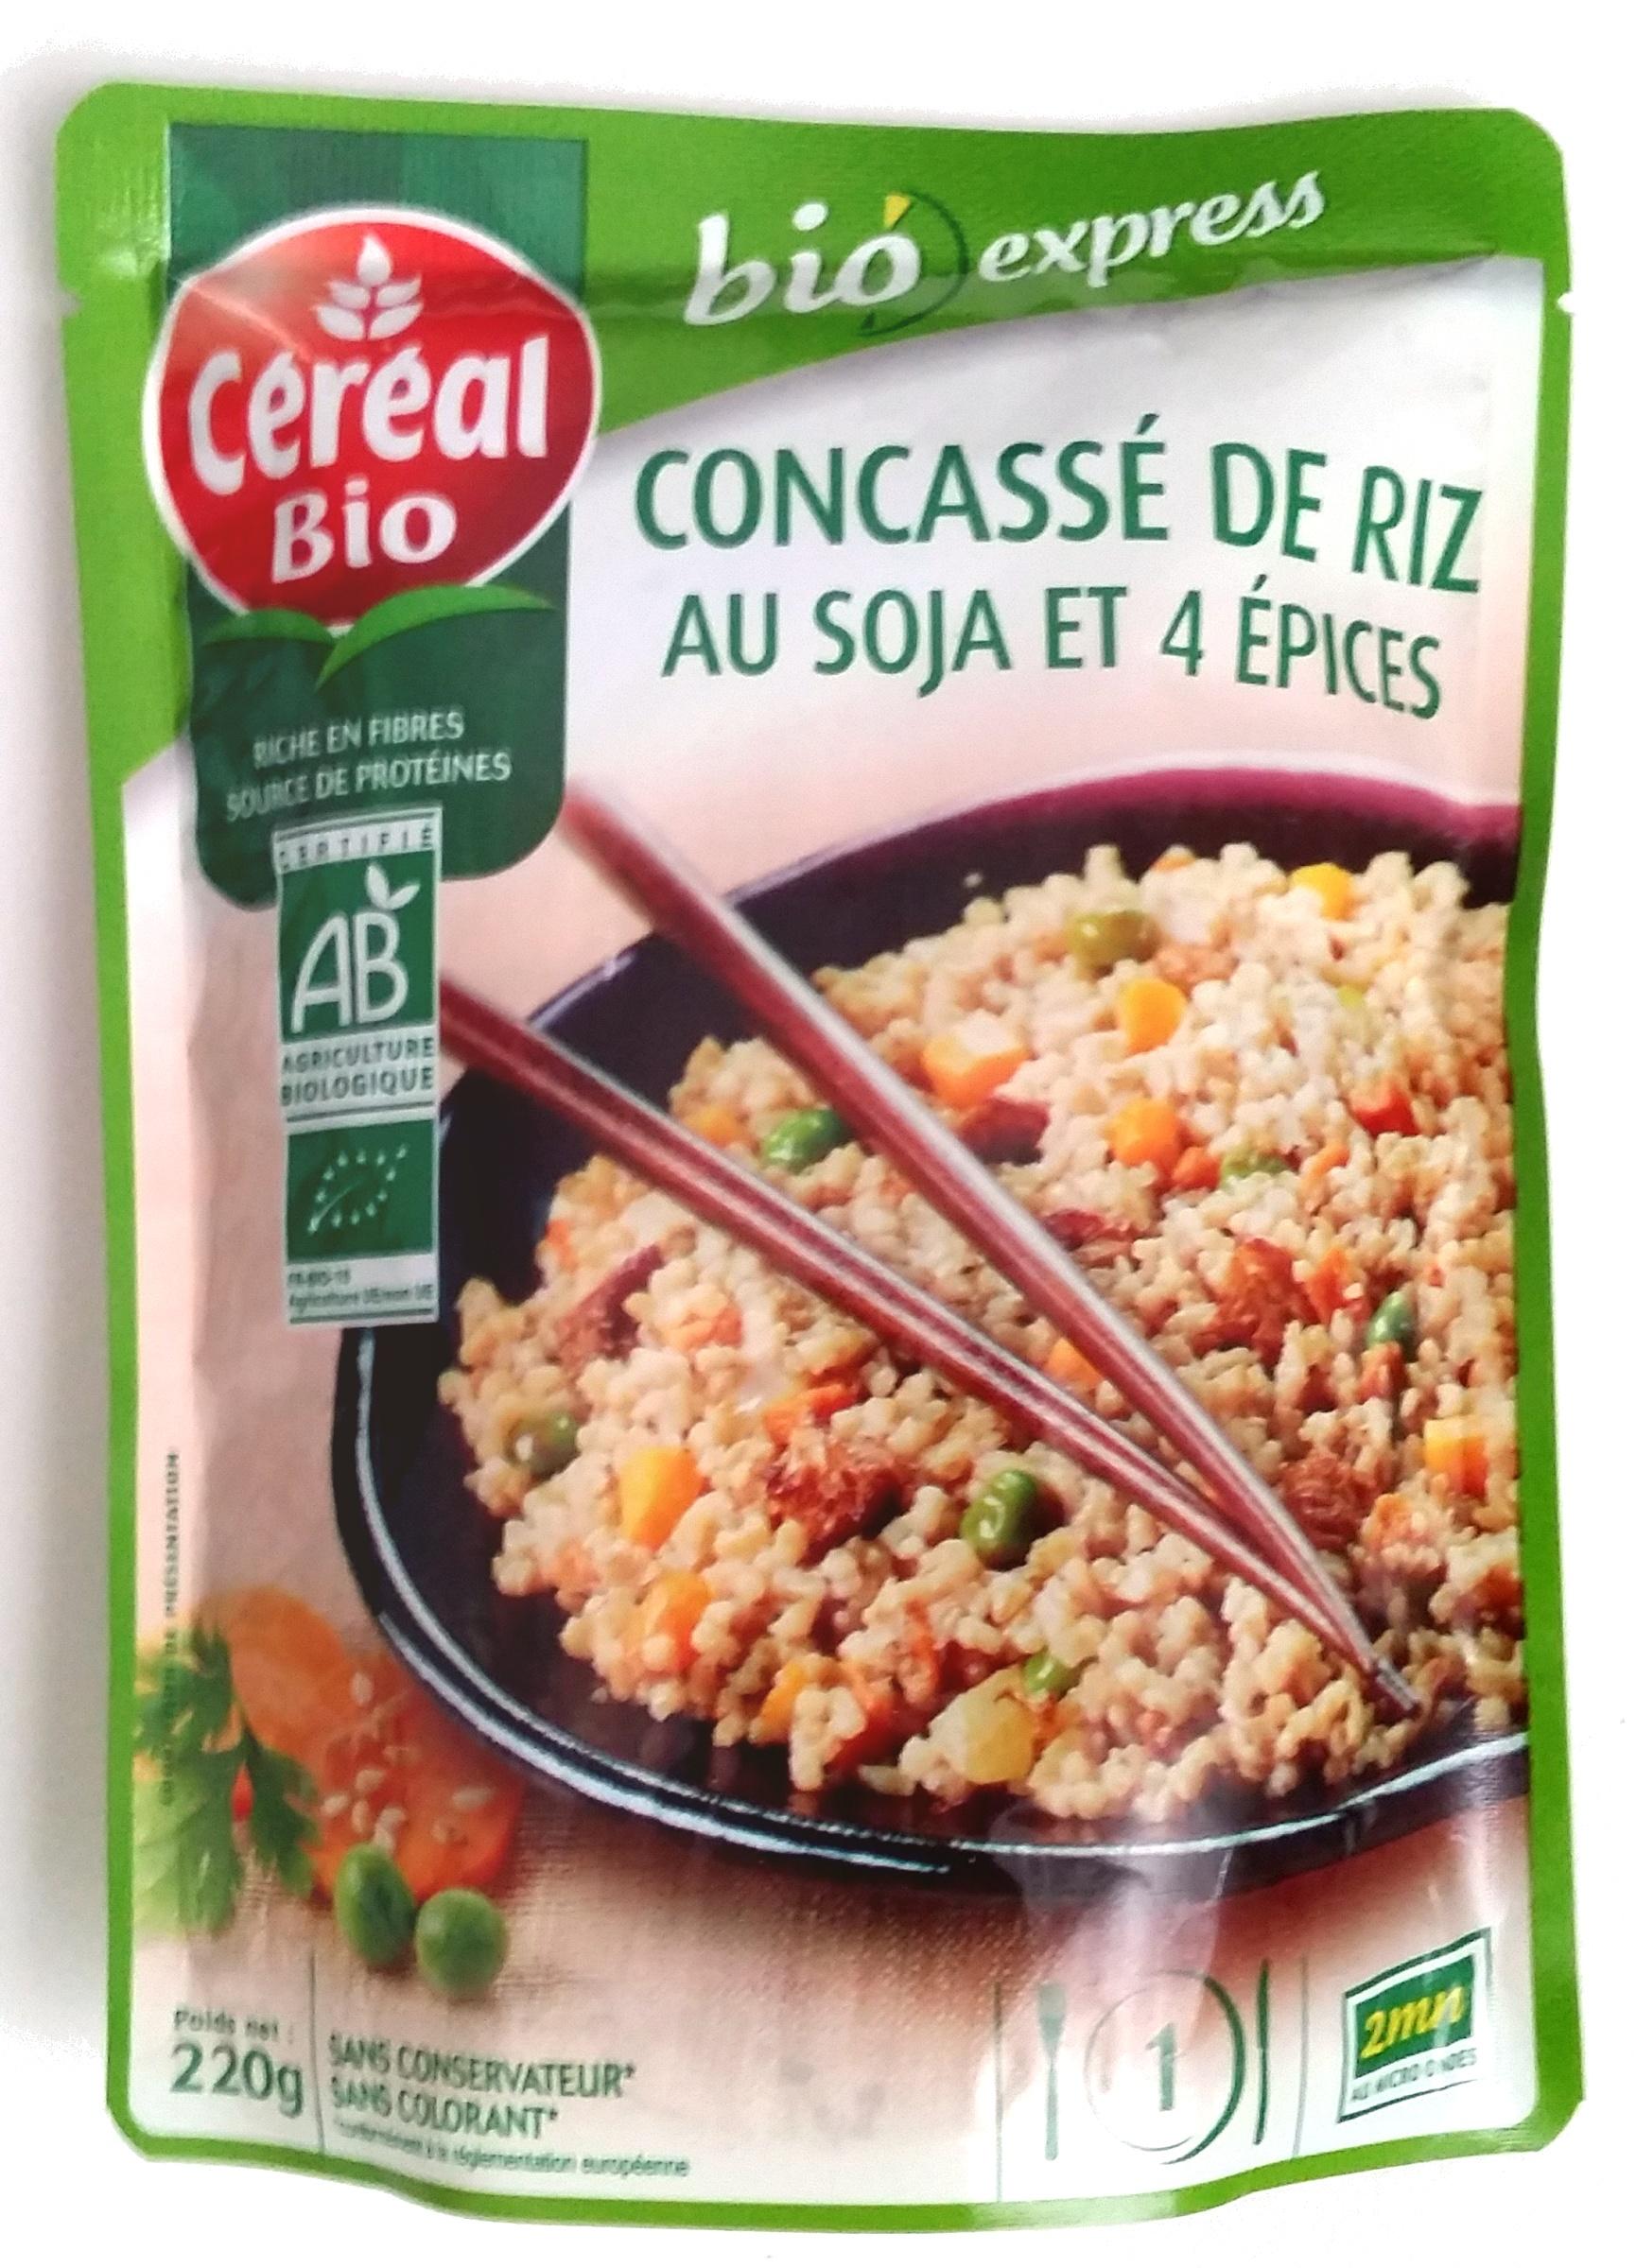 Concassé de riz au soja et 4 épices Bio - Prodotto - fr